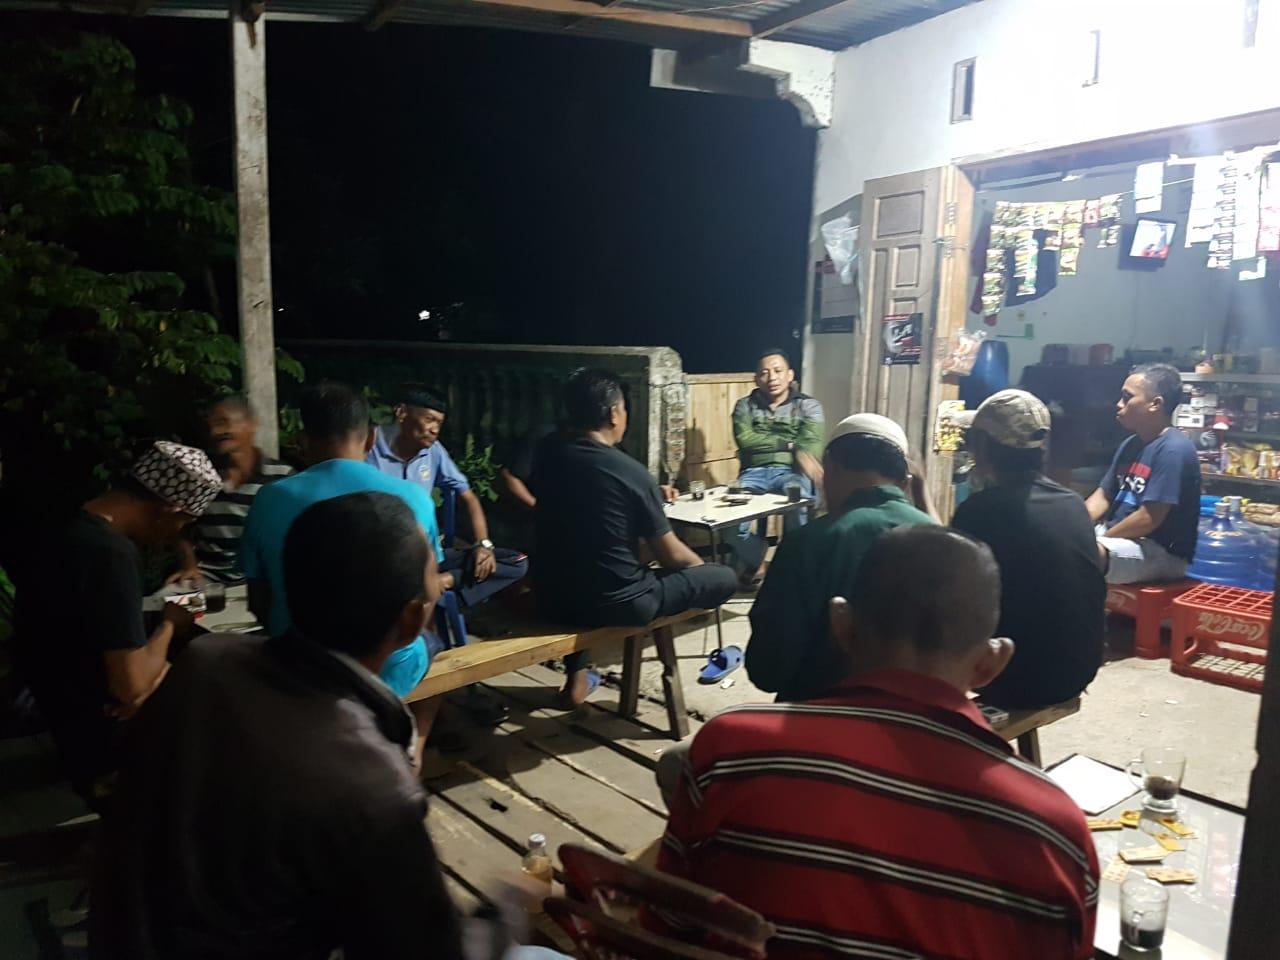 Konsolidasi di Tanah kelahirannya, Pemuda Nyatakan Sikap Akan Bersatu Menangkan AYP